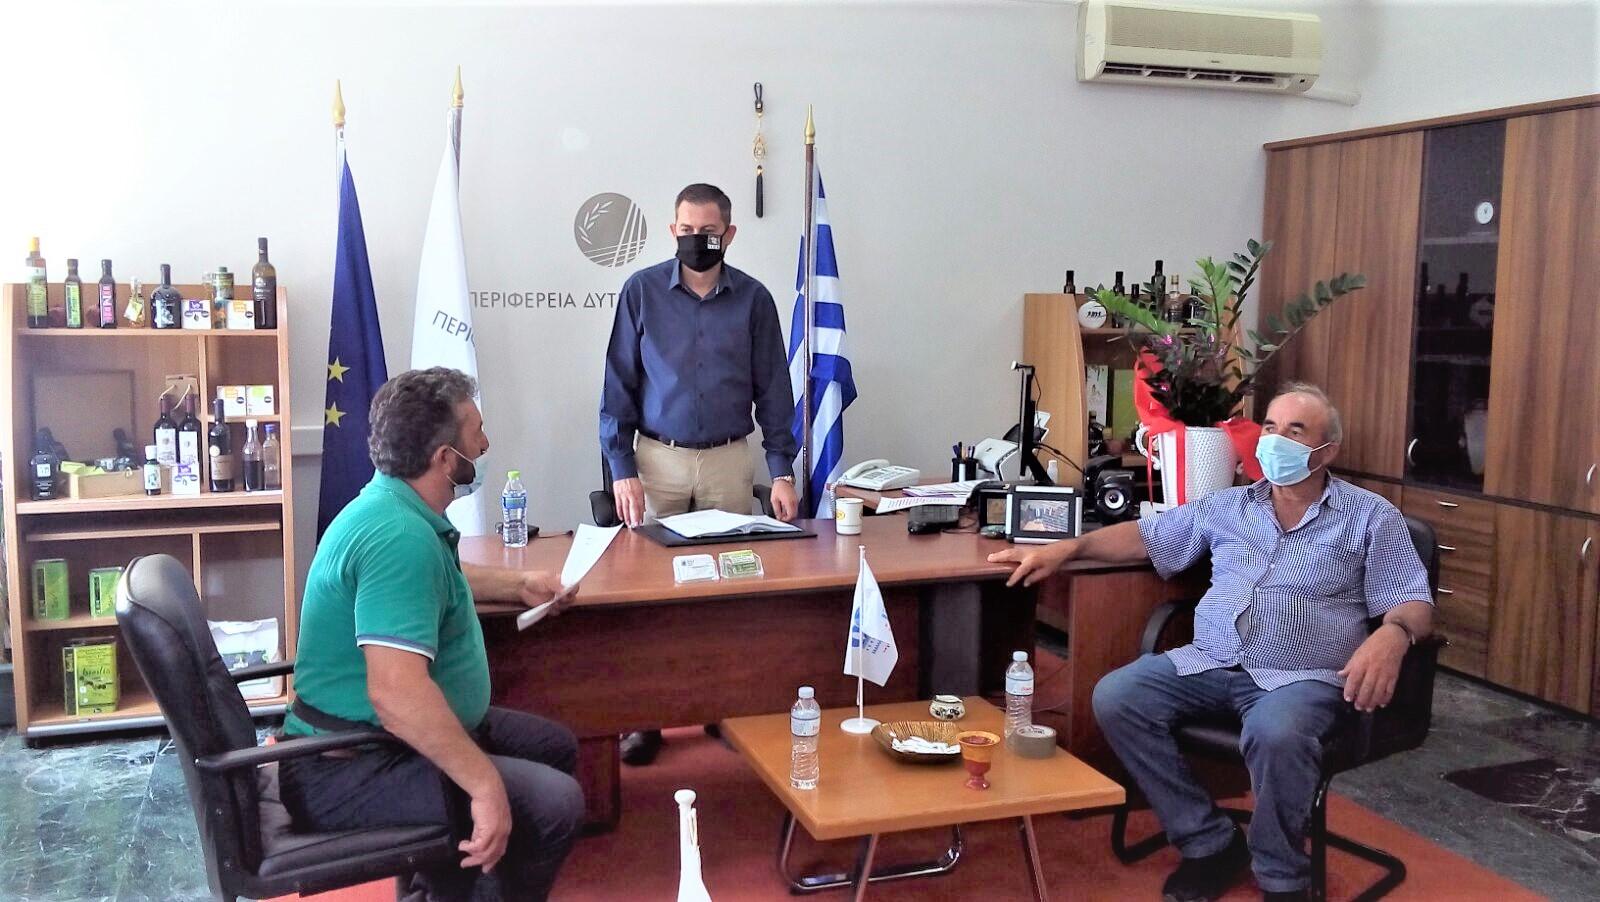 «Θα απαιτήσουμε ουσιαστικά μέτρα για την σταφίδα»- Συνάντηση Αντιπ/άρχη Αγροτικής Ανάπτυξης Θεόδωρου Βασιλόπουλο με εκπροσώπους της Ομοσπονδίας Αγροτικών Συλλόγων Ηλείας (ΟΑΣΗ)